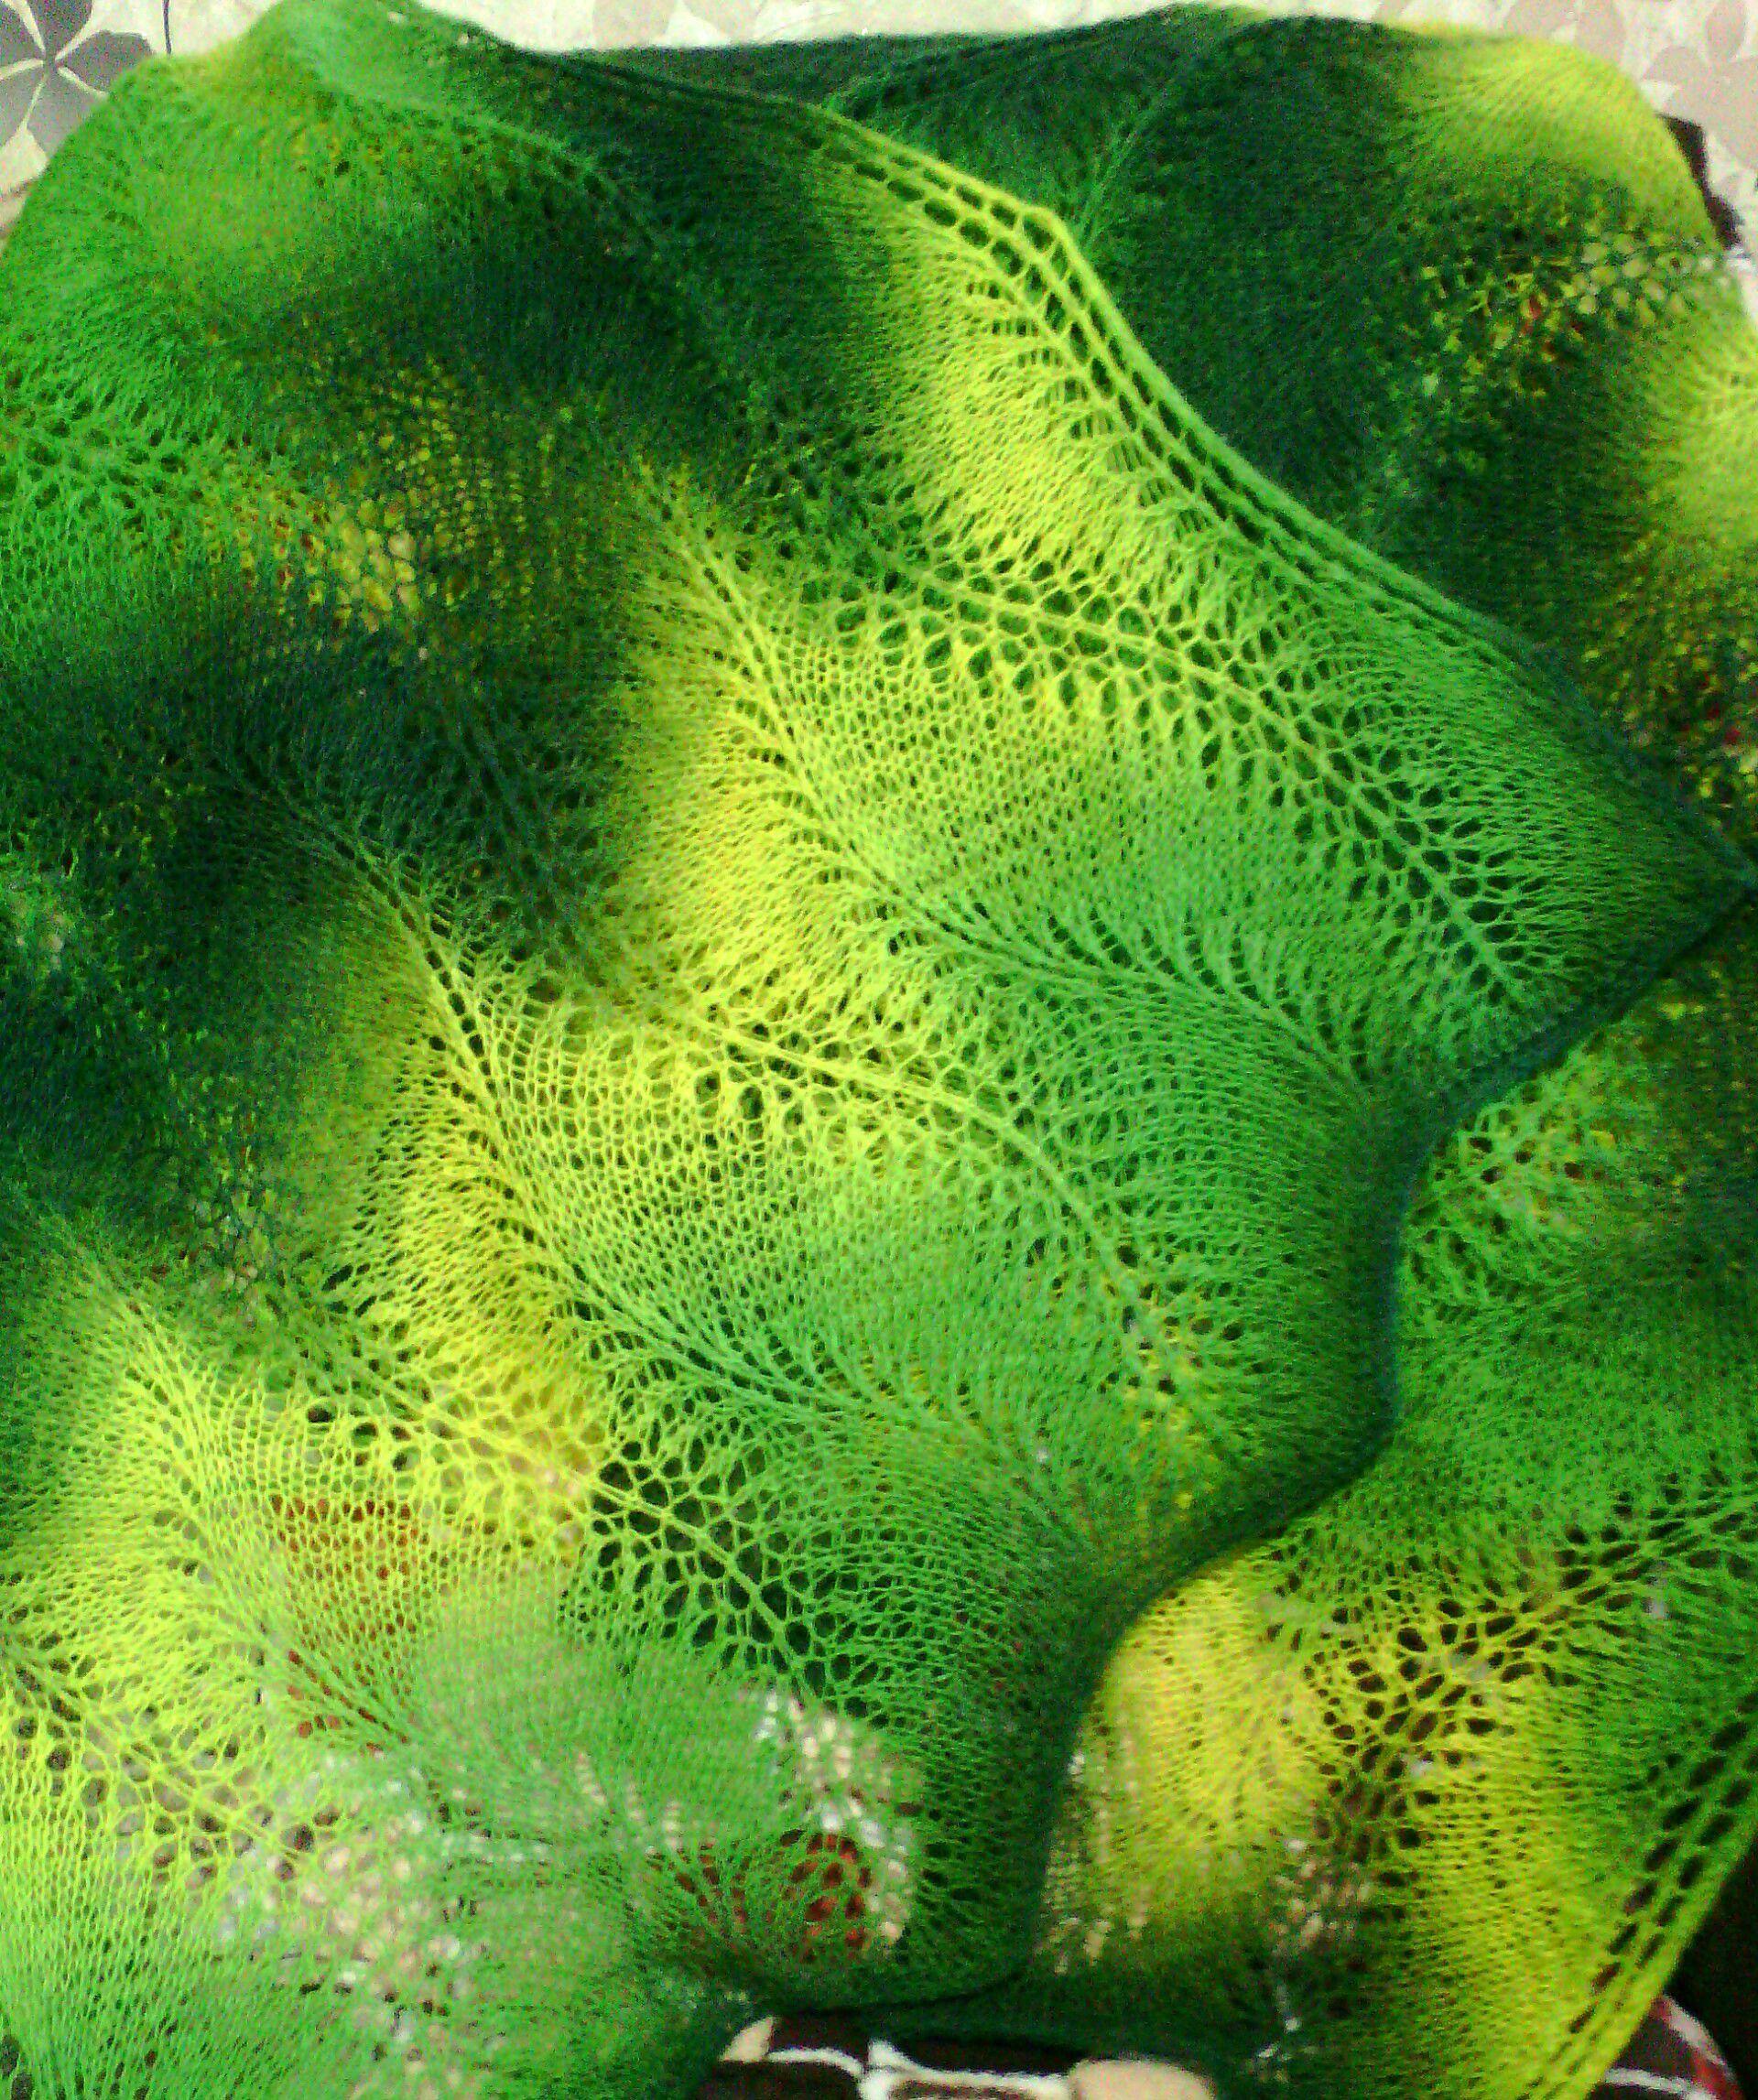 палантин шерсти подарок женщине кауни шерсть шарф шаль